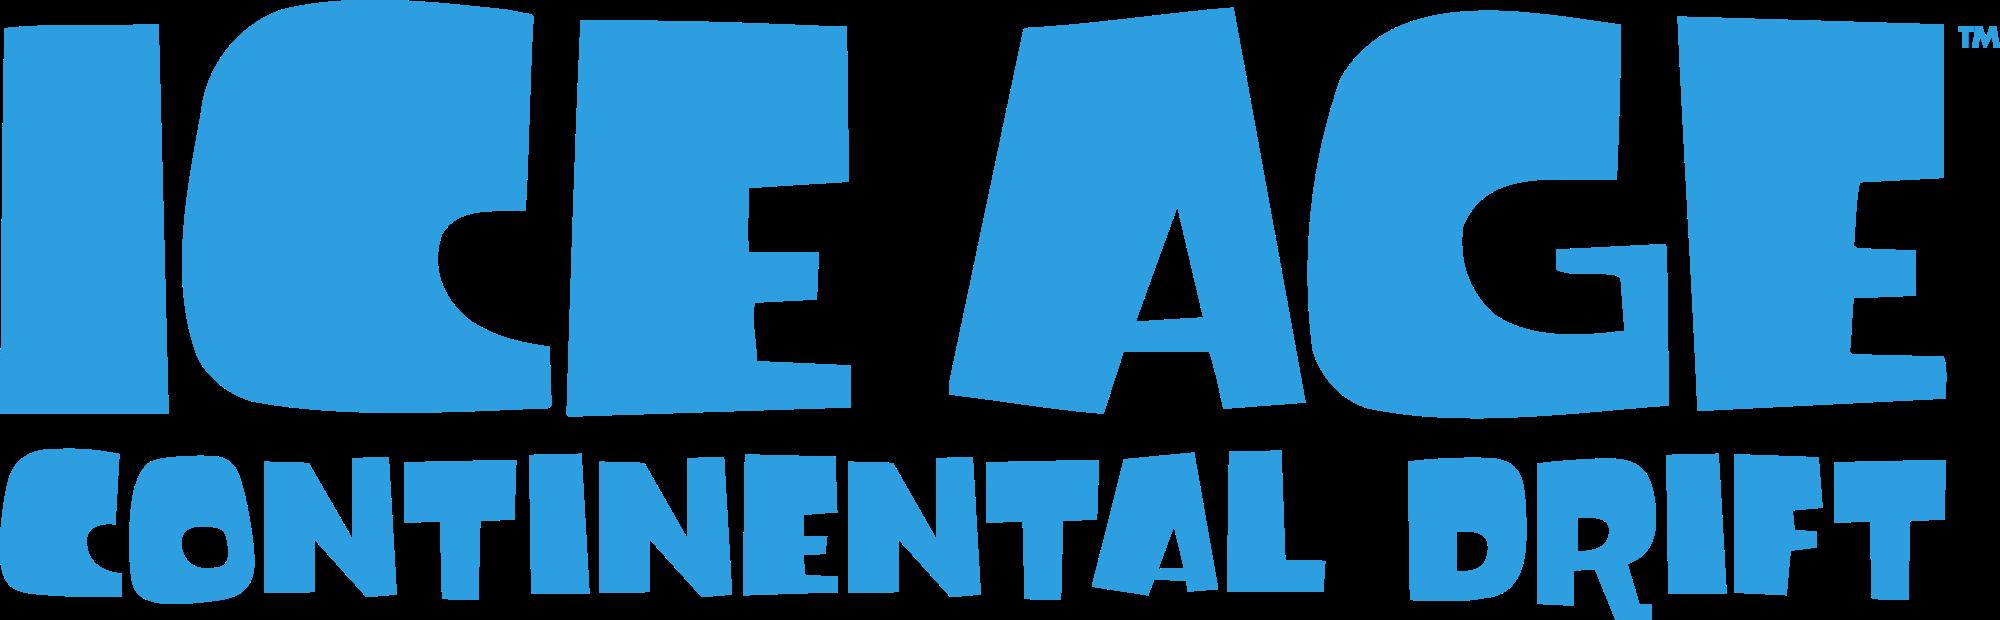 Ледниковый период логотип PNG